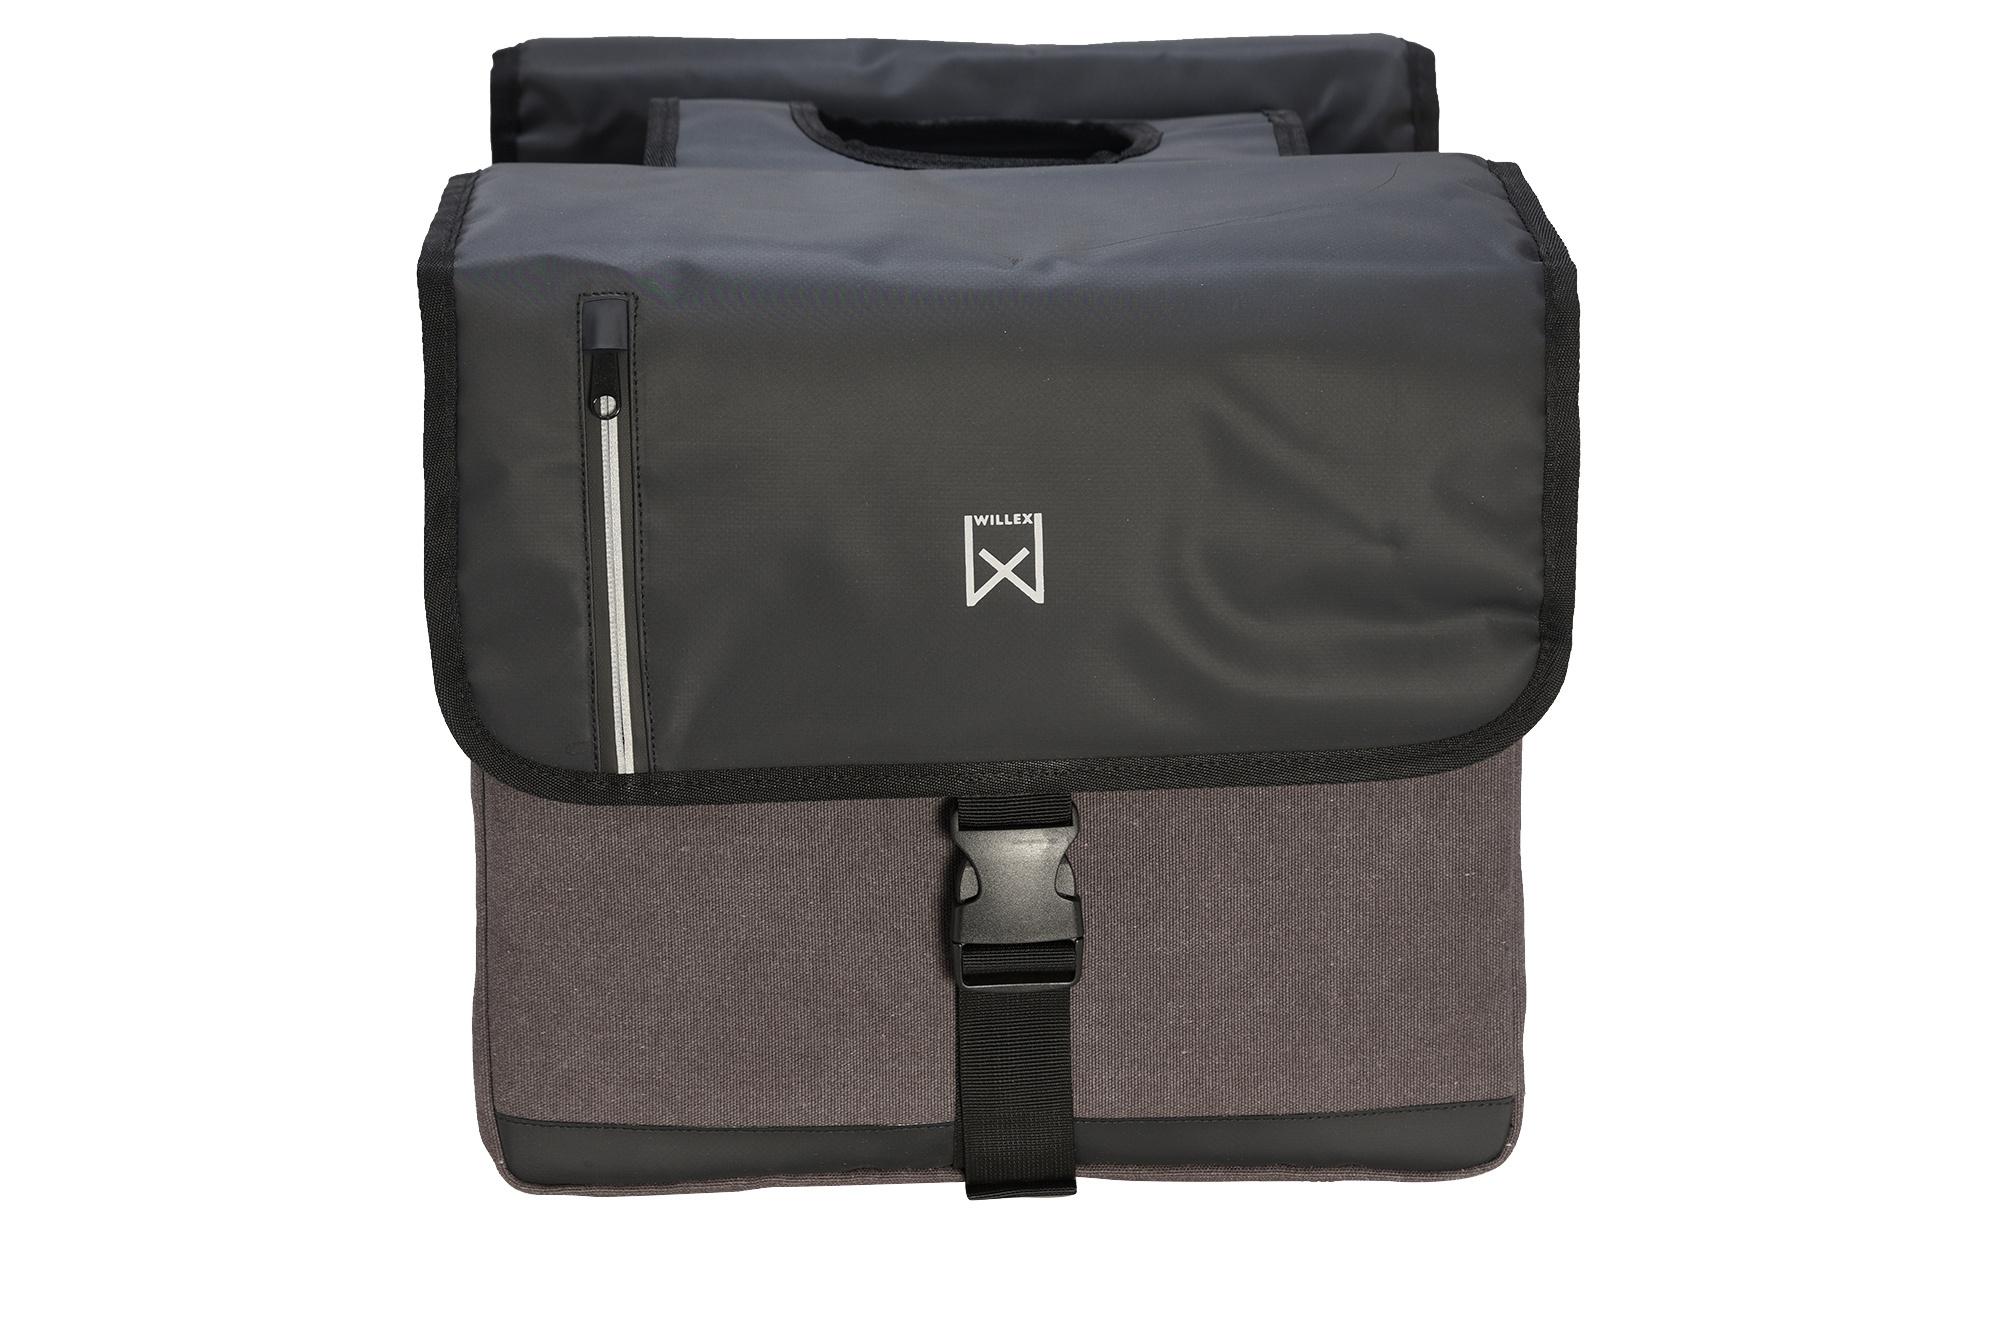 Willex Dubbele Businesstas 40 liter grijs/zwart